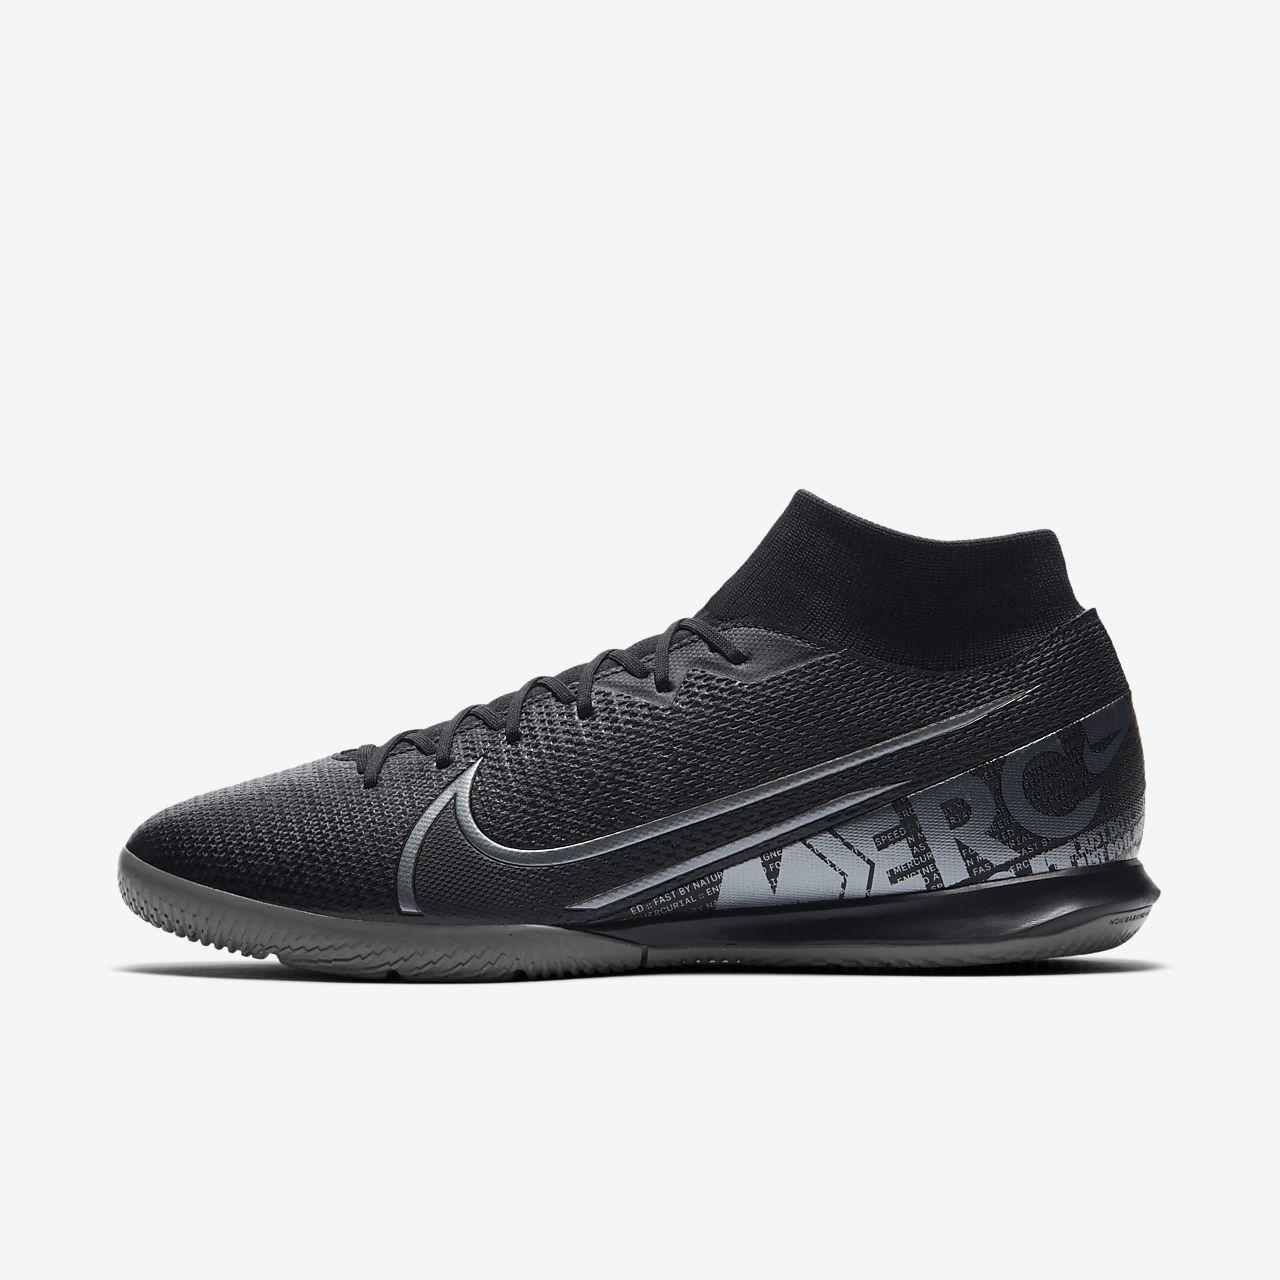 Fotbollssko Nike Mercurial Superfly 7 Academy IC för inomhusplaner/futsal/street